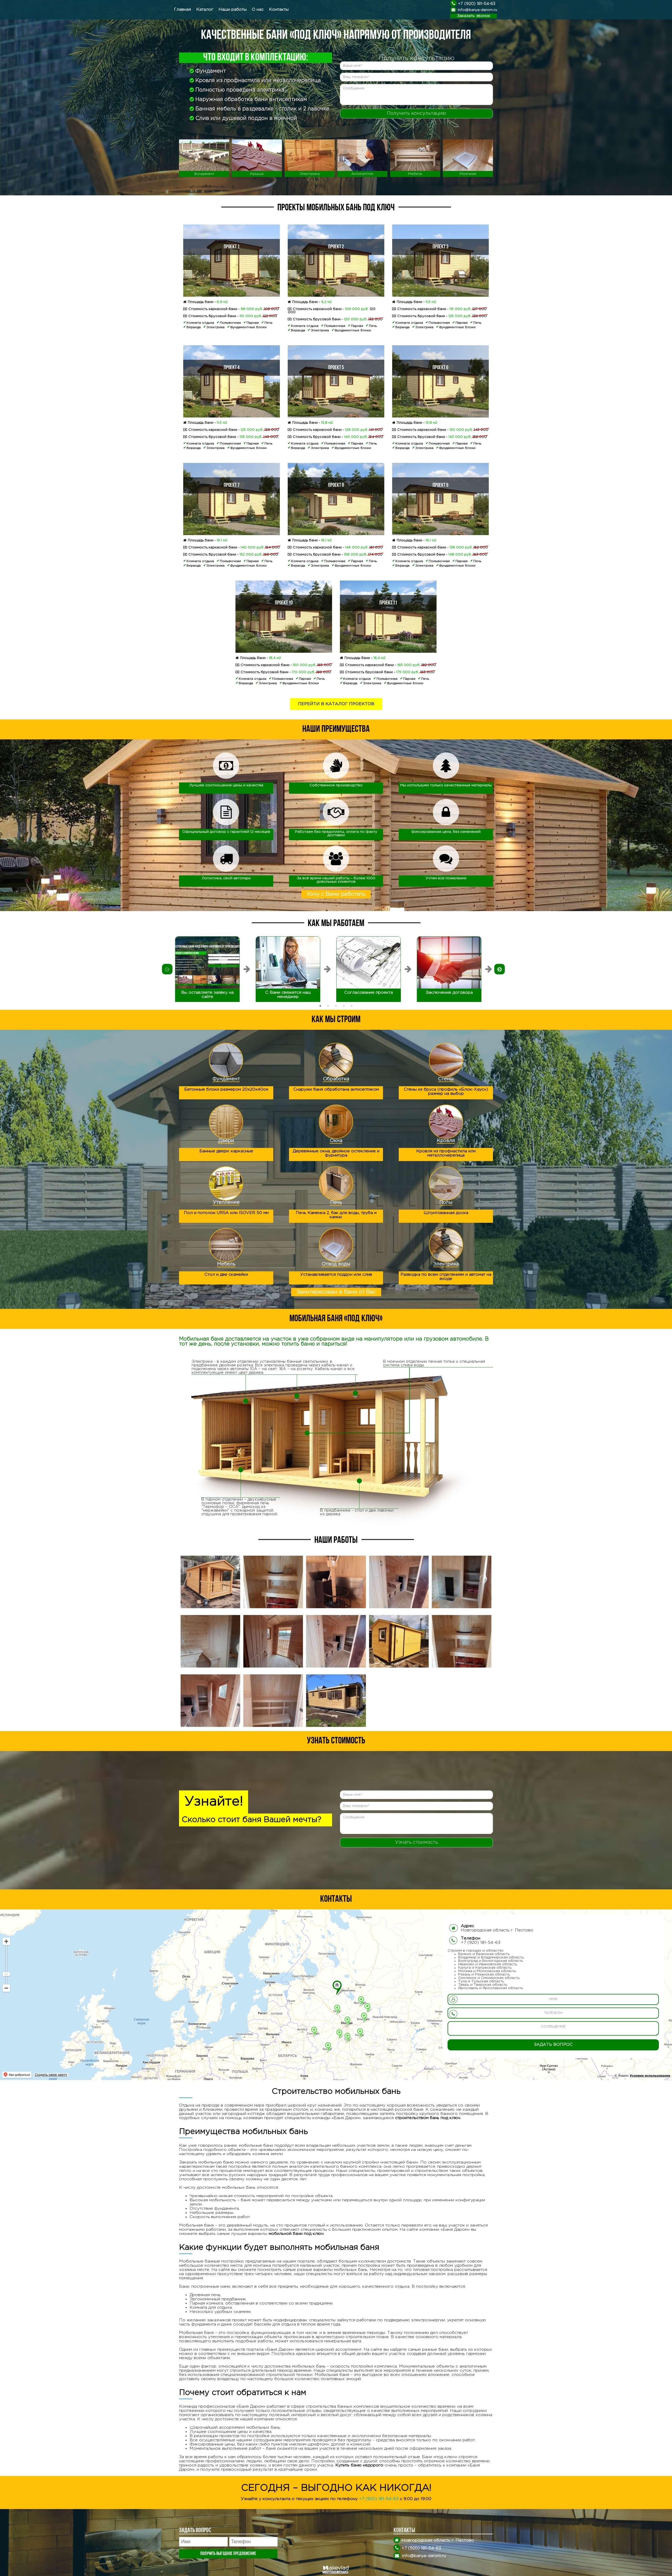 Скриншот №1 страницы сайта во весь экран. Сайт для мобильных бань